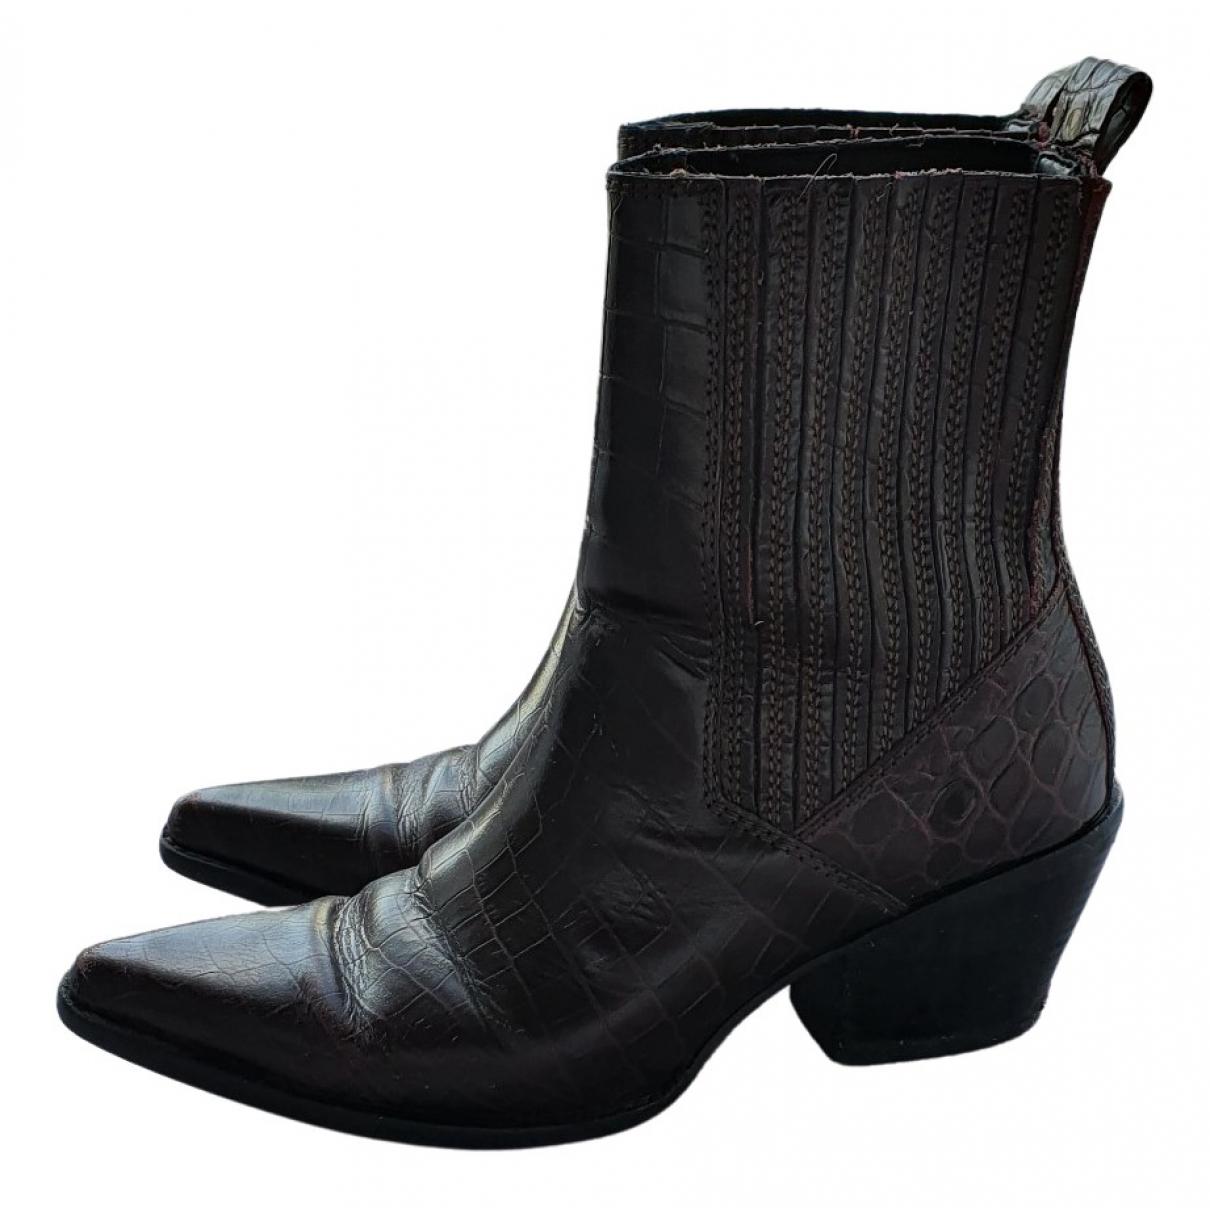 Zara - Boots   pour femme en cuir - bordeaux